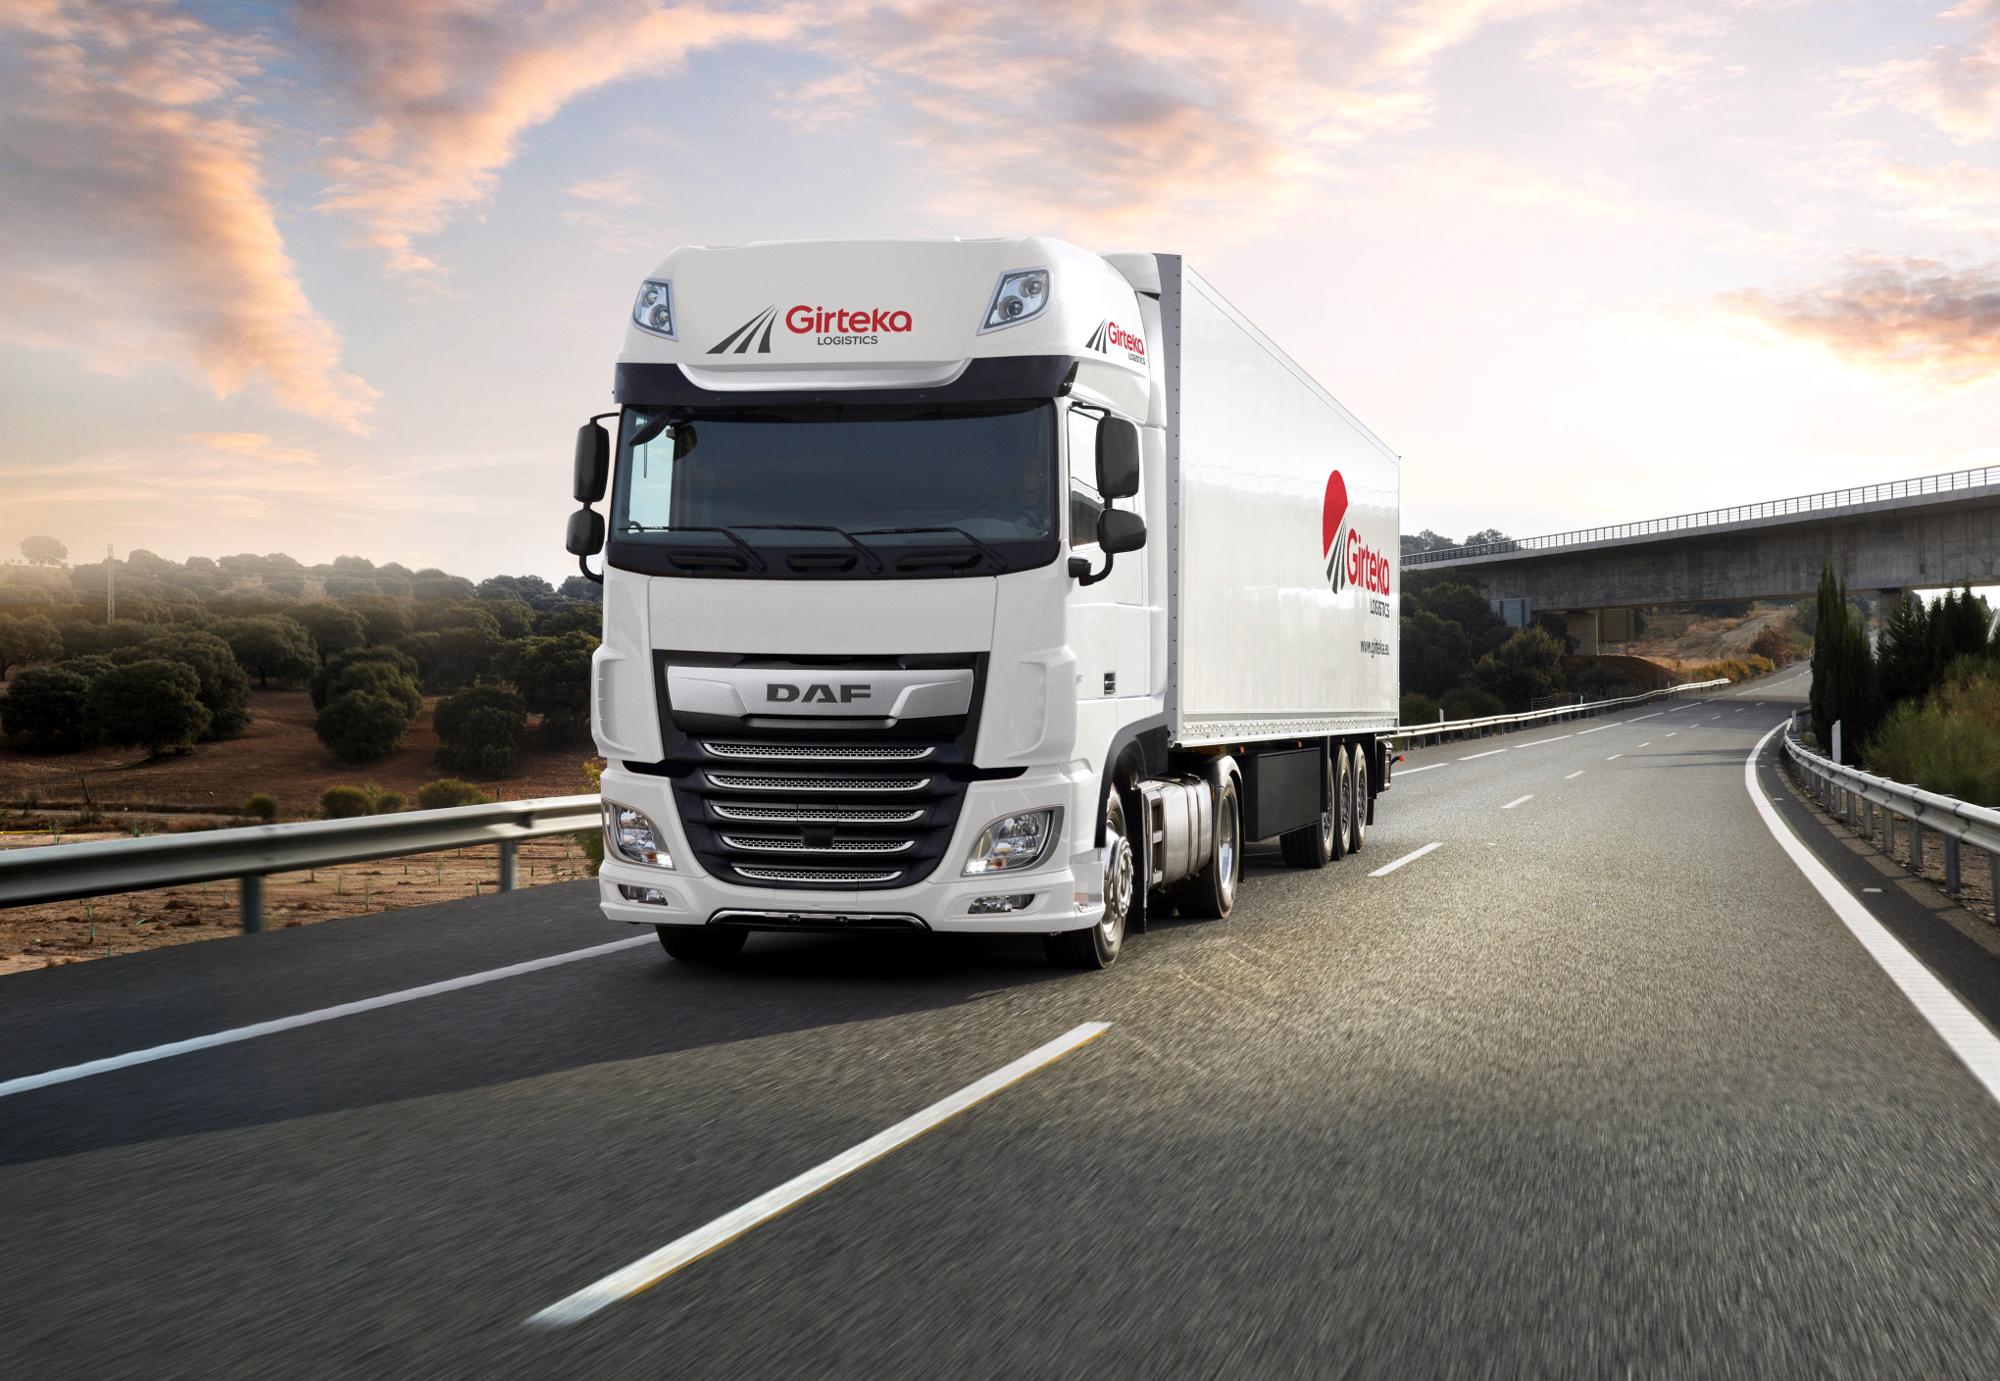 Girteka robi duże zakupy u DAF-a. Zamówiła trucki z luksusowymi kabinami